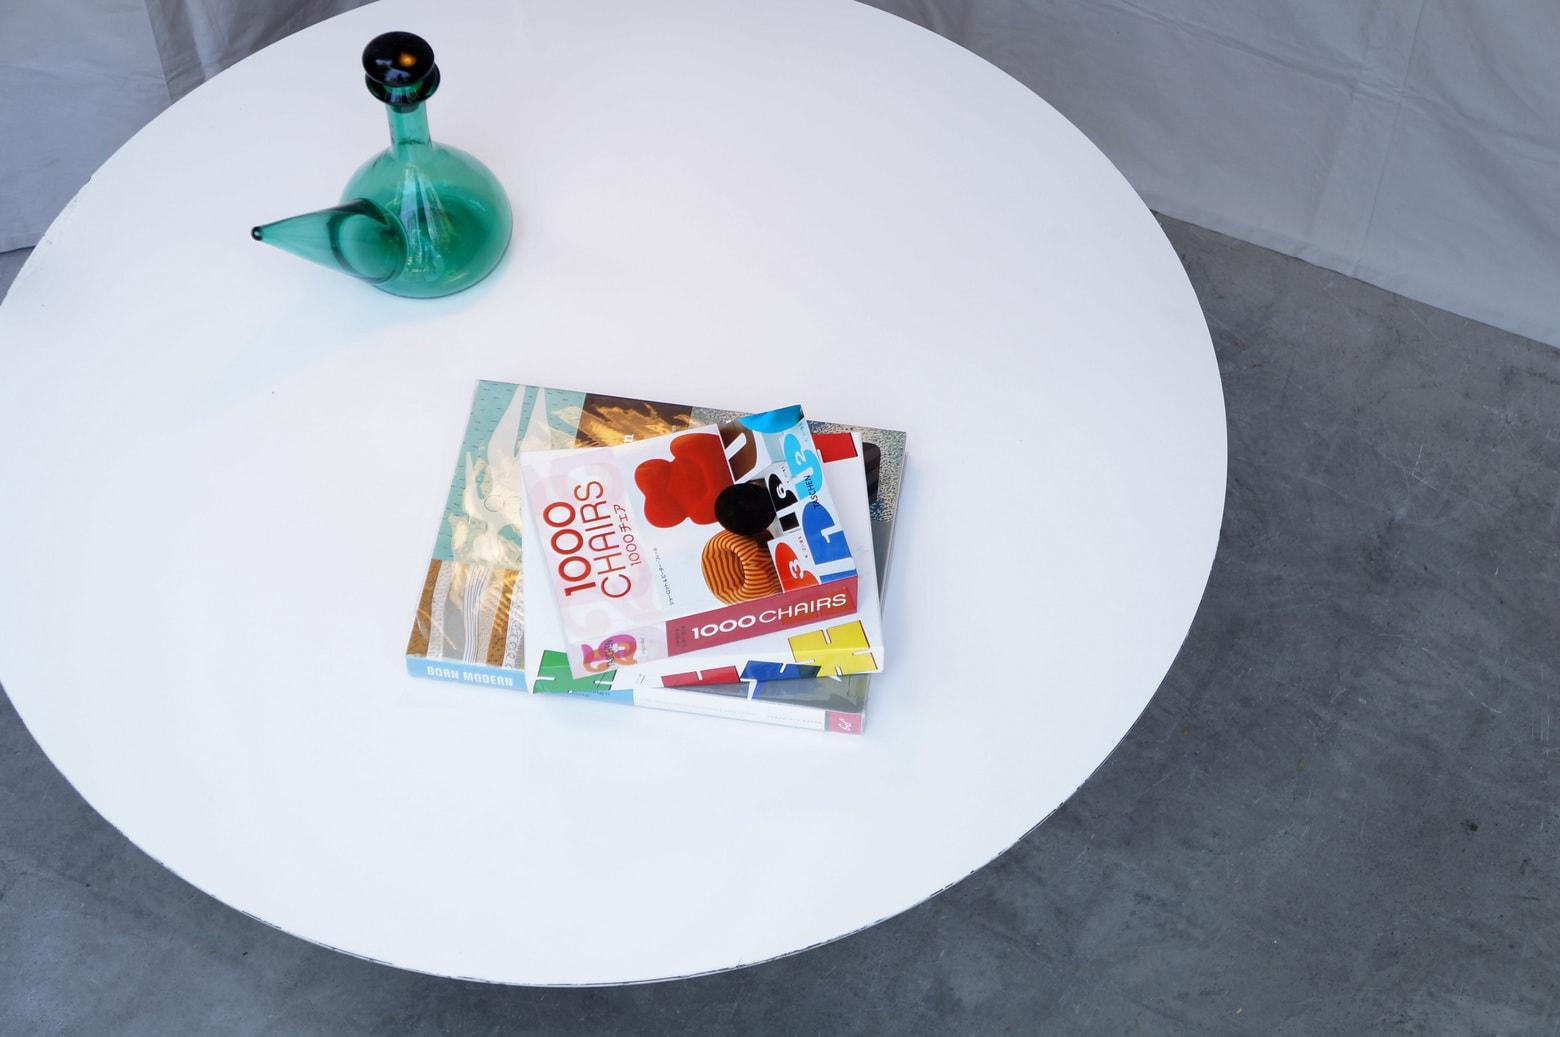 ミッドセンチュリー時代にデザインされた家具の中でも、ひときわ独特な存在感を放つチェアのひとつに『チューリップチェア』があります。 フィンランド、ヘルシンキ生まれの建築家・デザイナーのエーロ・サーリネンが1956年にアメリカのKnoll/ノール社より発表しました。 座る時に足元がごちゃごちゃと密集しないよう、一本脚で全体を支える、特徴的ですっきりとしたフォルムになっています。そしてそのチェアと共にデザインされたのがチューリップテーブル。こちらは背の低いローテーブルタイプです。 ソファやイージーチェアと合わせて使ったり、また、床に座って使っても脚に邪魔されることなくテーブルを囲むことができます。 天板、脚のフチに当てキズや塗装の剥がれ、補修跡がある箇所がございますが、雰囲気を壊してしまうほどダメージではなく、シンプルで洗練された印象を損なわず、インテリアコーディネートをお楽しみいただけるかと思います。 シェルチェアなどのミッドセンチュリーデザインの家具との相性は抜群ですが、シンプルなデザインですので意外にもいろいろなスタイルにしっくりと合わせやすく使い勝手の良いテーブルです。 ~【東京都杉並区阿佐ヶ谷北アンティークショップ 古一】 古一/ふるいちでは出張無料買取も行っております。杉並区周辺はもちろん、世田谷区・目黒区・武蔵野市・新宿区等の東京近郊のお見積もりも!ビンテージ家具・インテリア雑貨・ランプ・USED品・ リサイクルなら古一/フルイチへ~